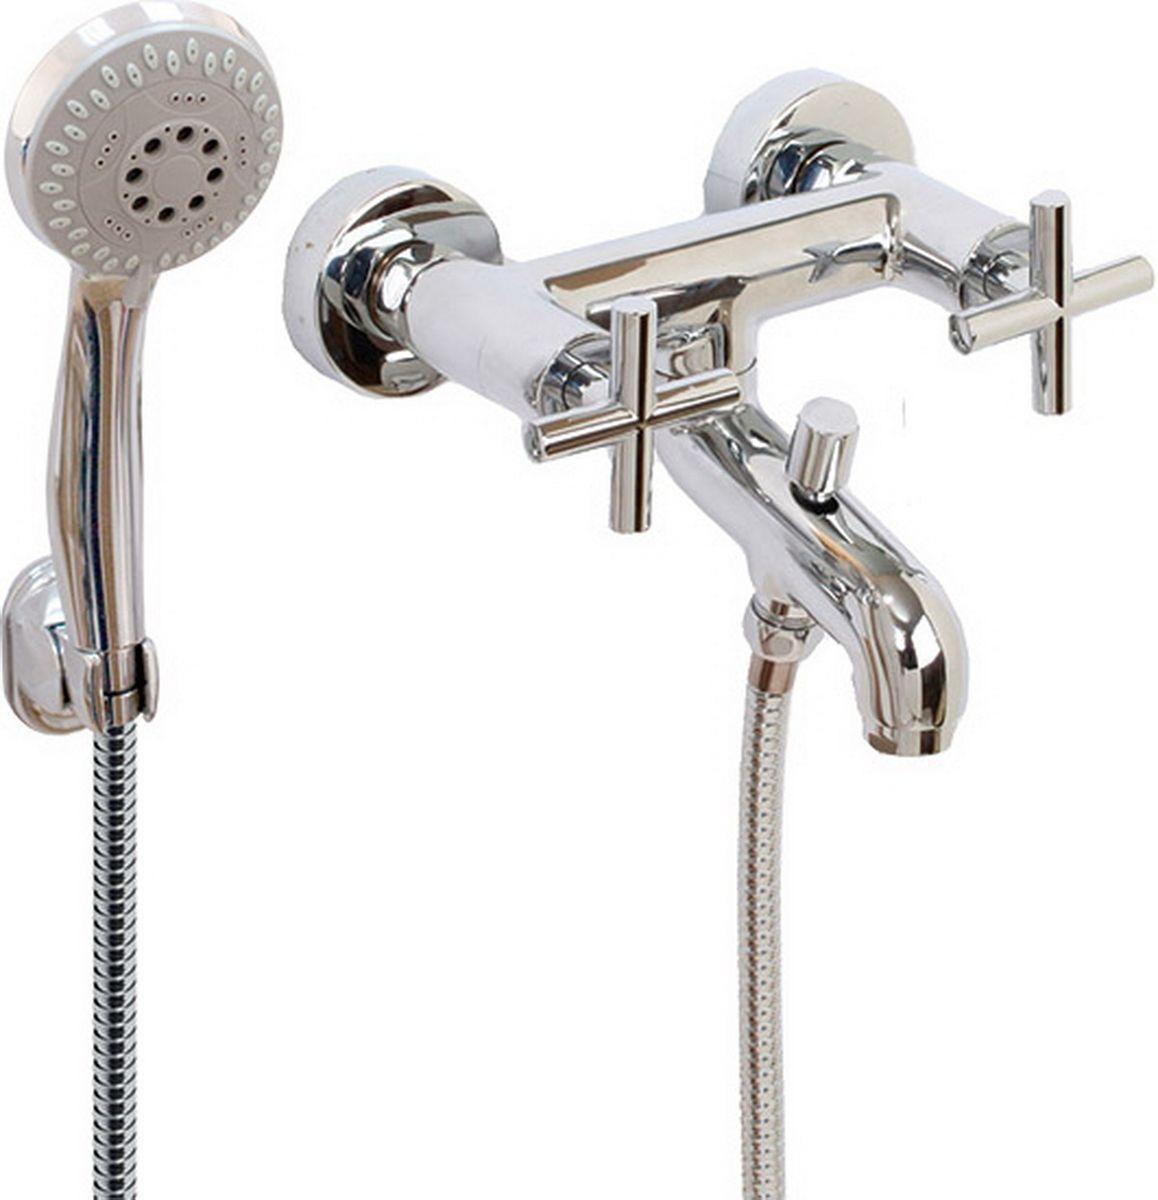 Argo смеситель для ванны York, 1/2 керамический26653Смеситель для ванны 122-n york кран букса 1/2 900 керамика 7,7х20, крепеж эксцентрик усиленный 3/4 х 1/2 + прокладка-фильтр аэратор м28х1 наружная резьба neoperl perlator 16 - 20 л/мин. при 0,3 МПа покрытие никель / хром комплектация душевой шланг 150 см, оплетка - хромированная нержавеющая сталь, двойной замок, 1/2 душевая лейка new пятипозиционная: душ, массаж, аэро, душ/массаж, душ/аэро кронштейн материал основа латунь